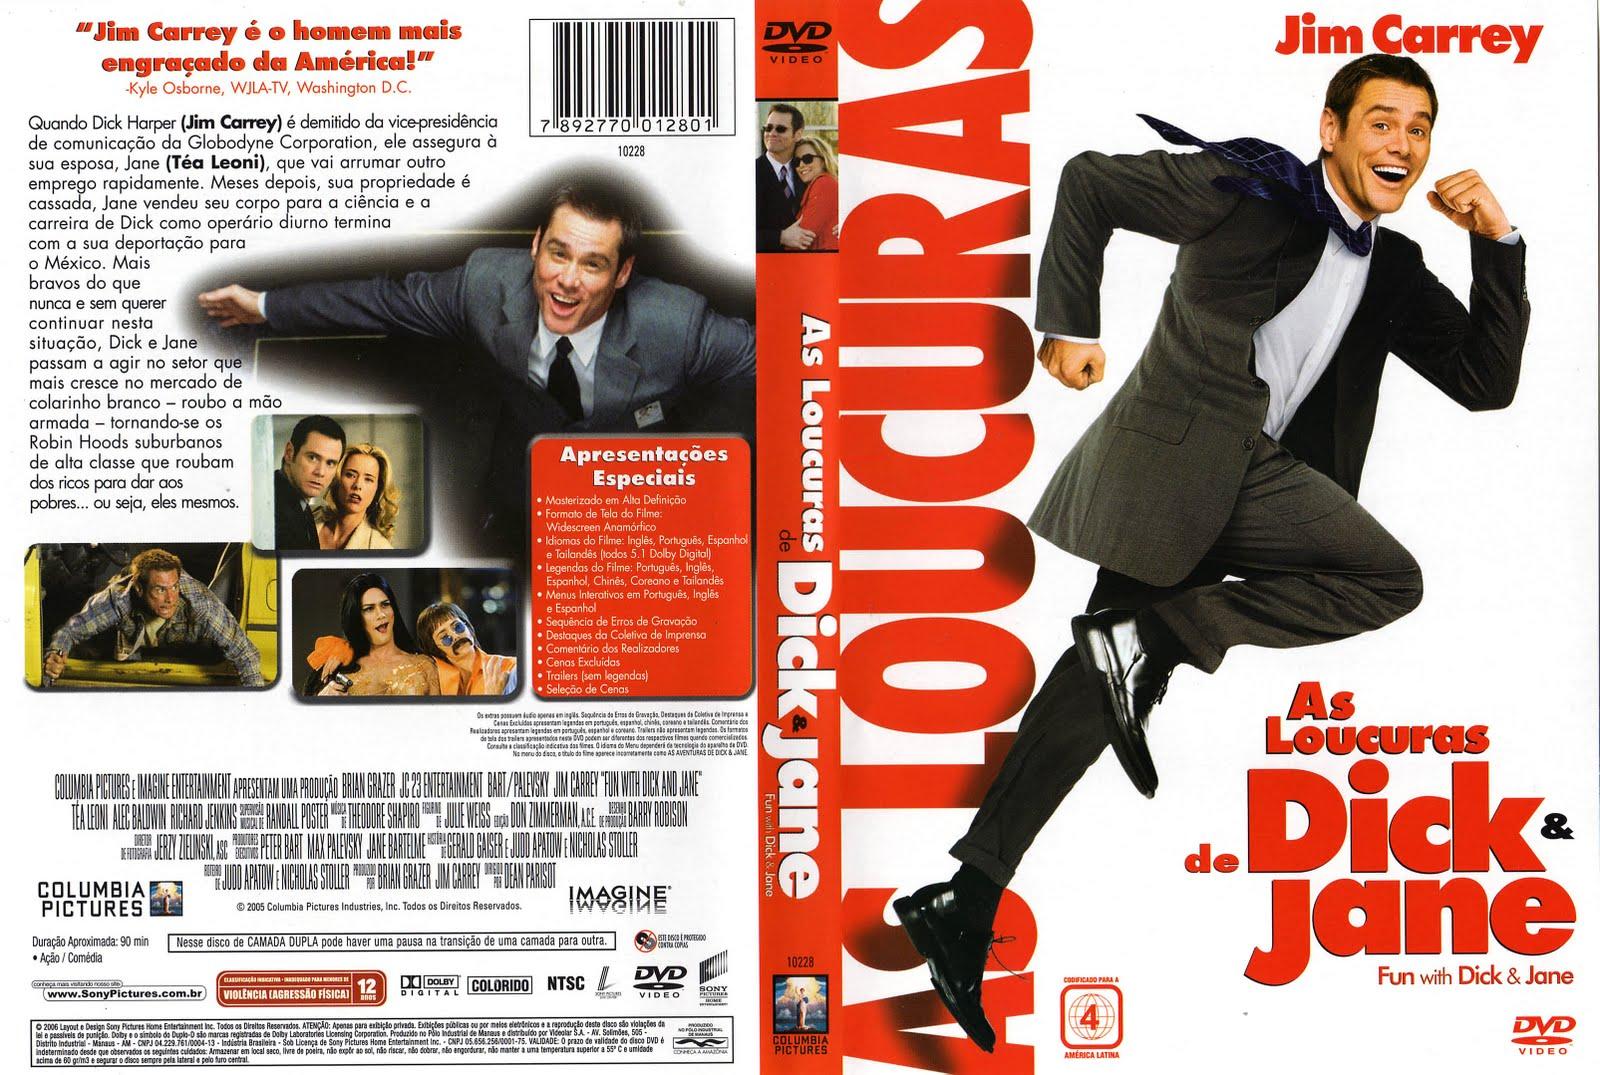 http://1.bp.blogspot.com/_qH72_oaXfX4/SxRof38beVI/AAAAAAAACao/cGXjyAKTeWs/s1600/As+Loucuras+De+Dick+E+Jane_.jpg